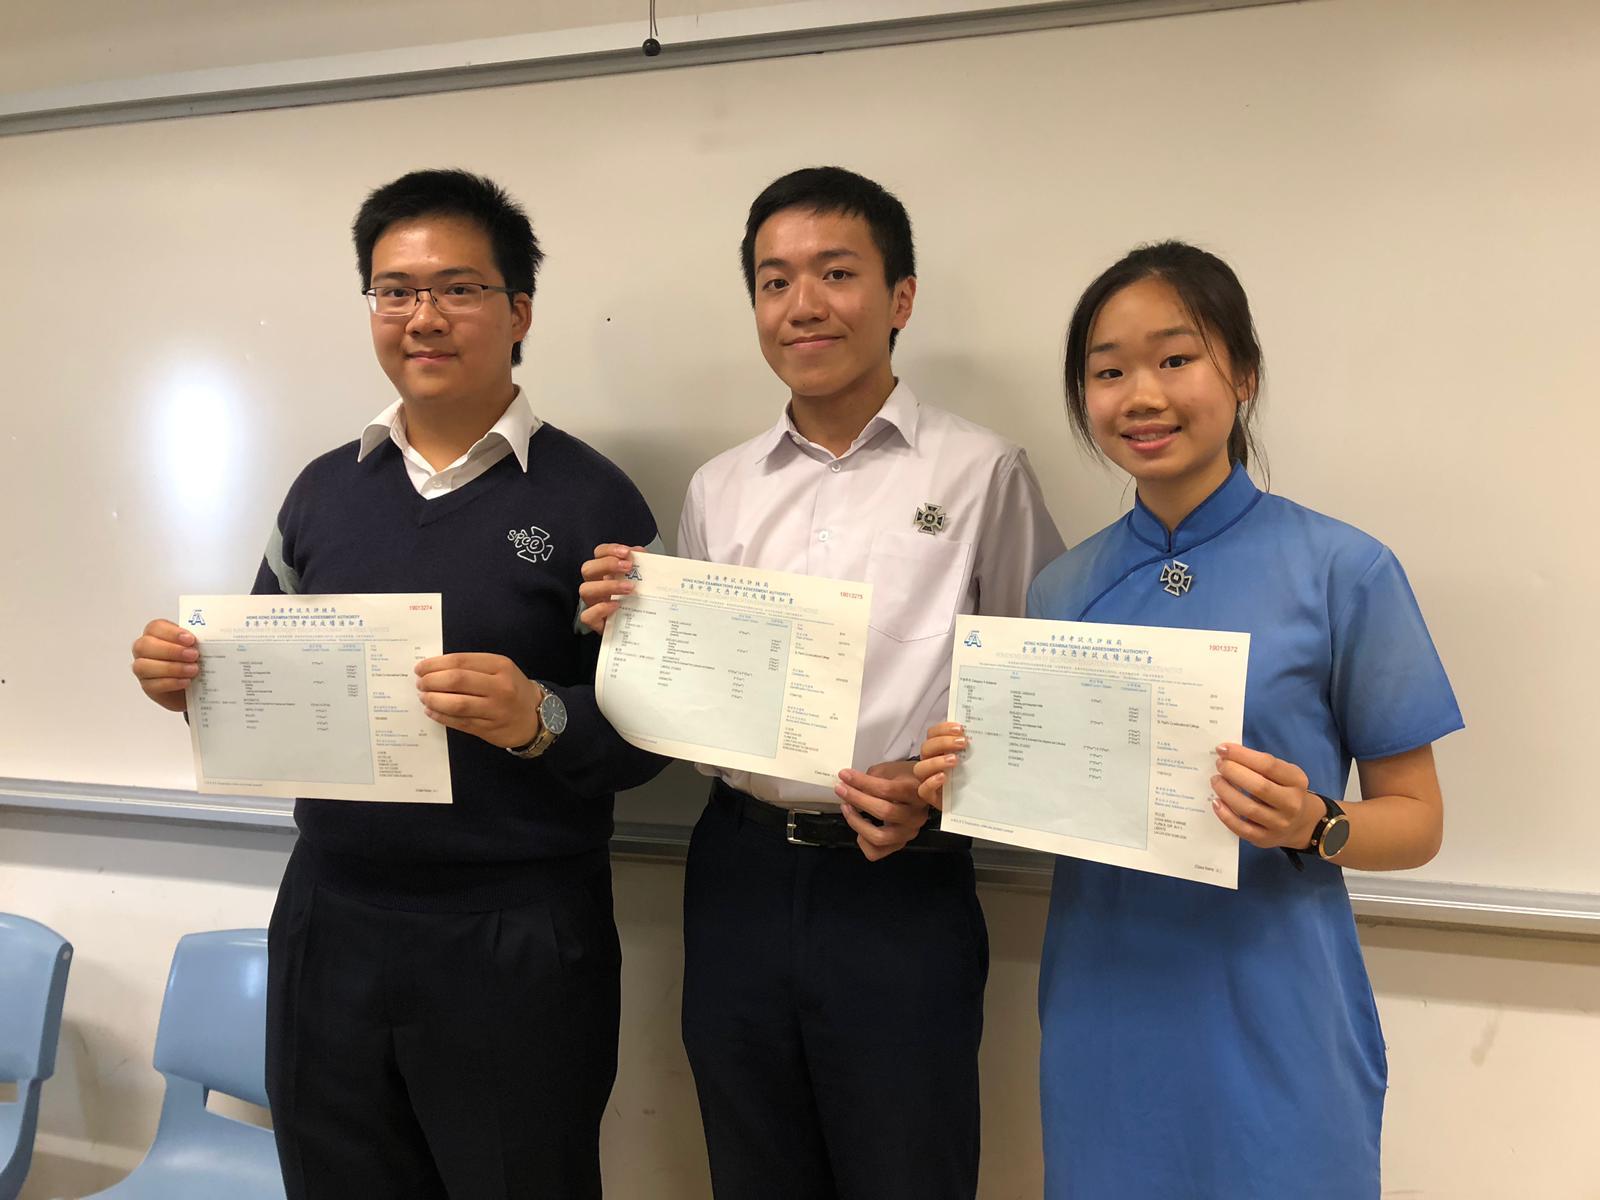 聖保羅男女中學(左至右):榜眼何智樂、超級狀元甘浚祺、榜眼周泳懿